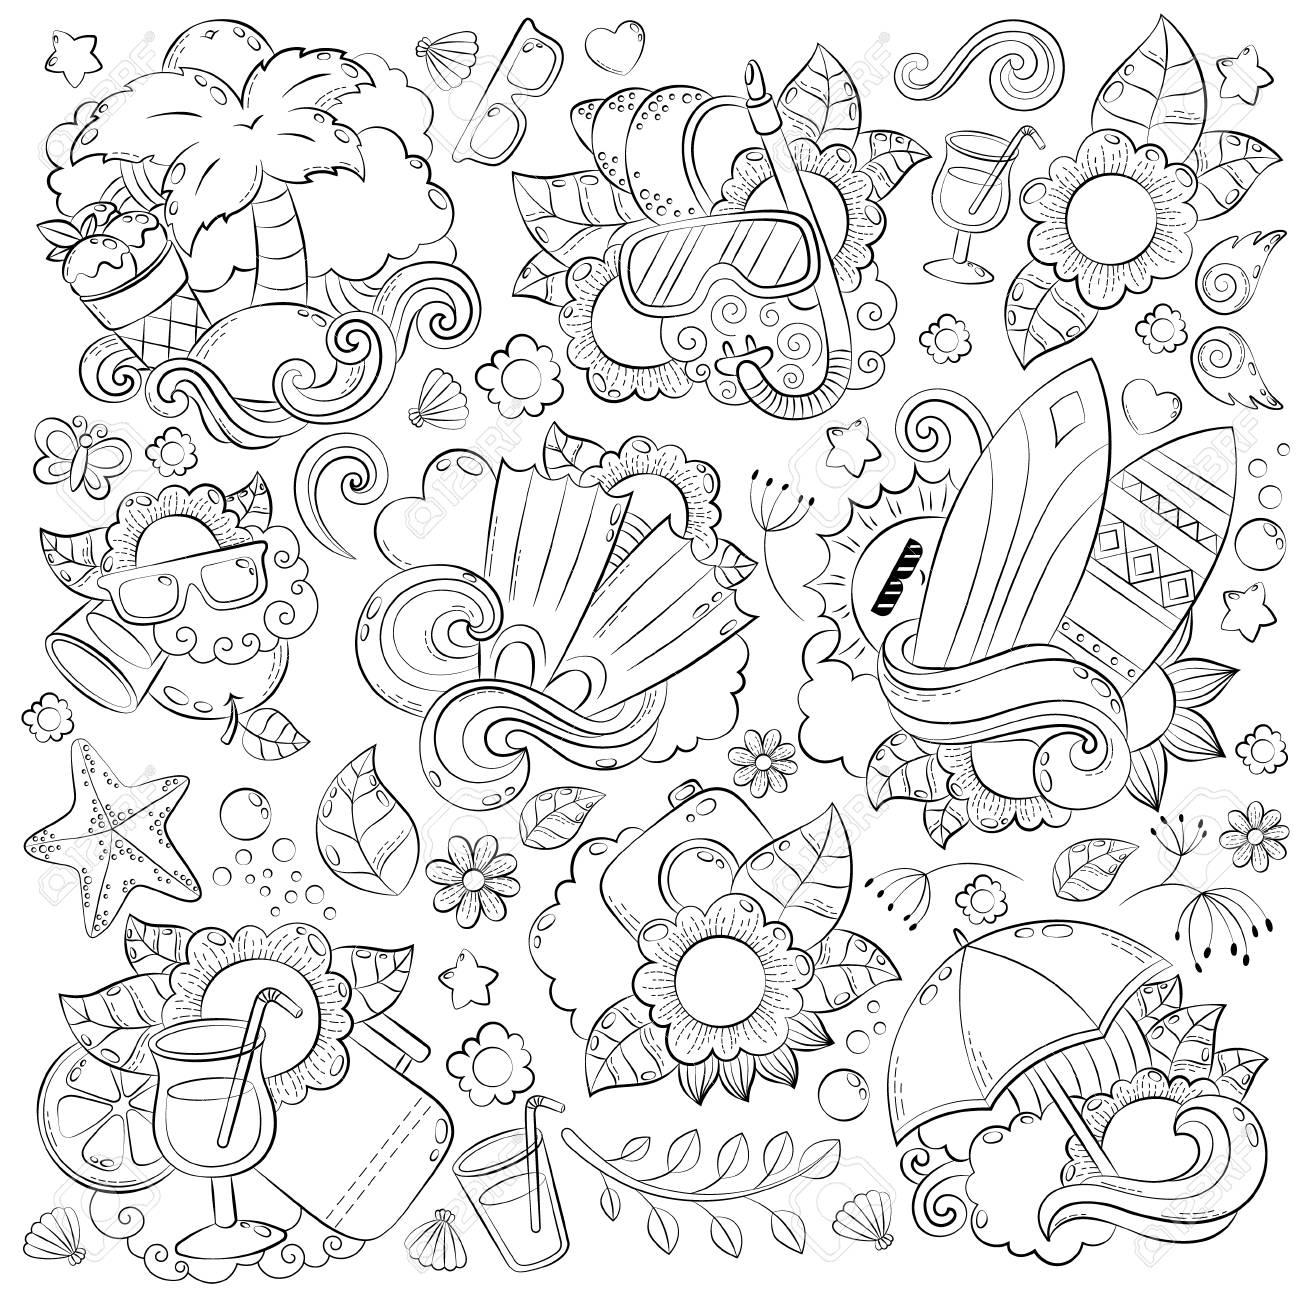 Coloriage Adulte Ete.Doodle Dessines A La Main Vecteur Abstrait Texture Motif Papier Peint Toile De Fond Collection D Elements D Ete Vacances D Ete Voyage Loisirs